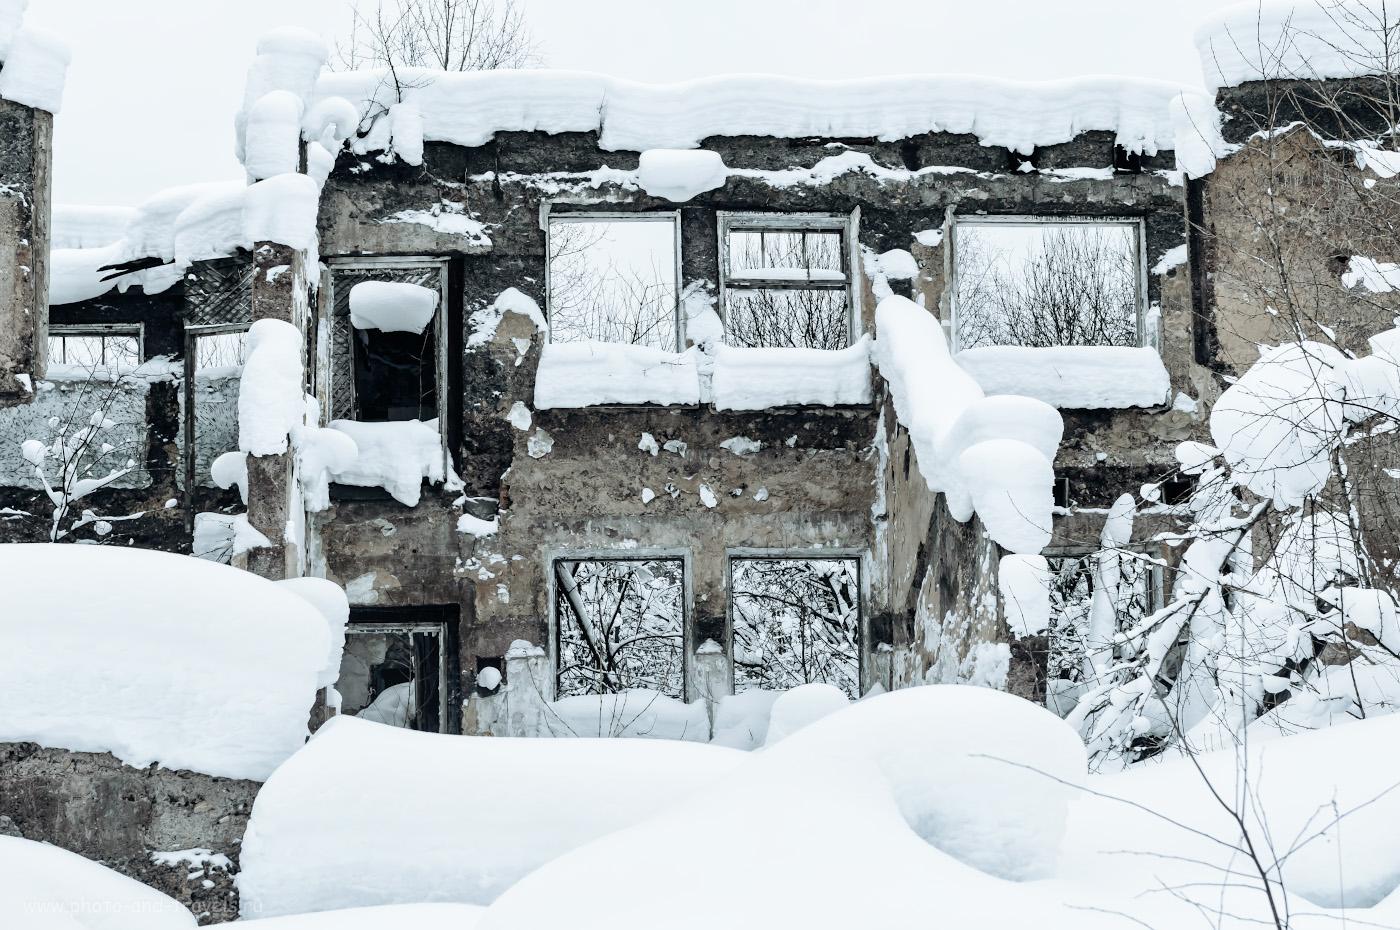 Фото 14. Здание бывшего горкома коммунистической партии в городе-призраке. 1/125, 8.0, 1400, +0.67, 32.